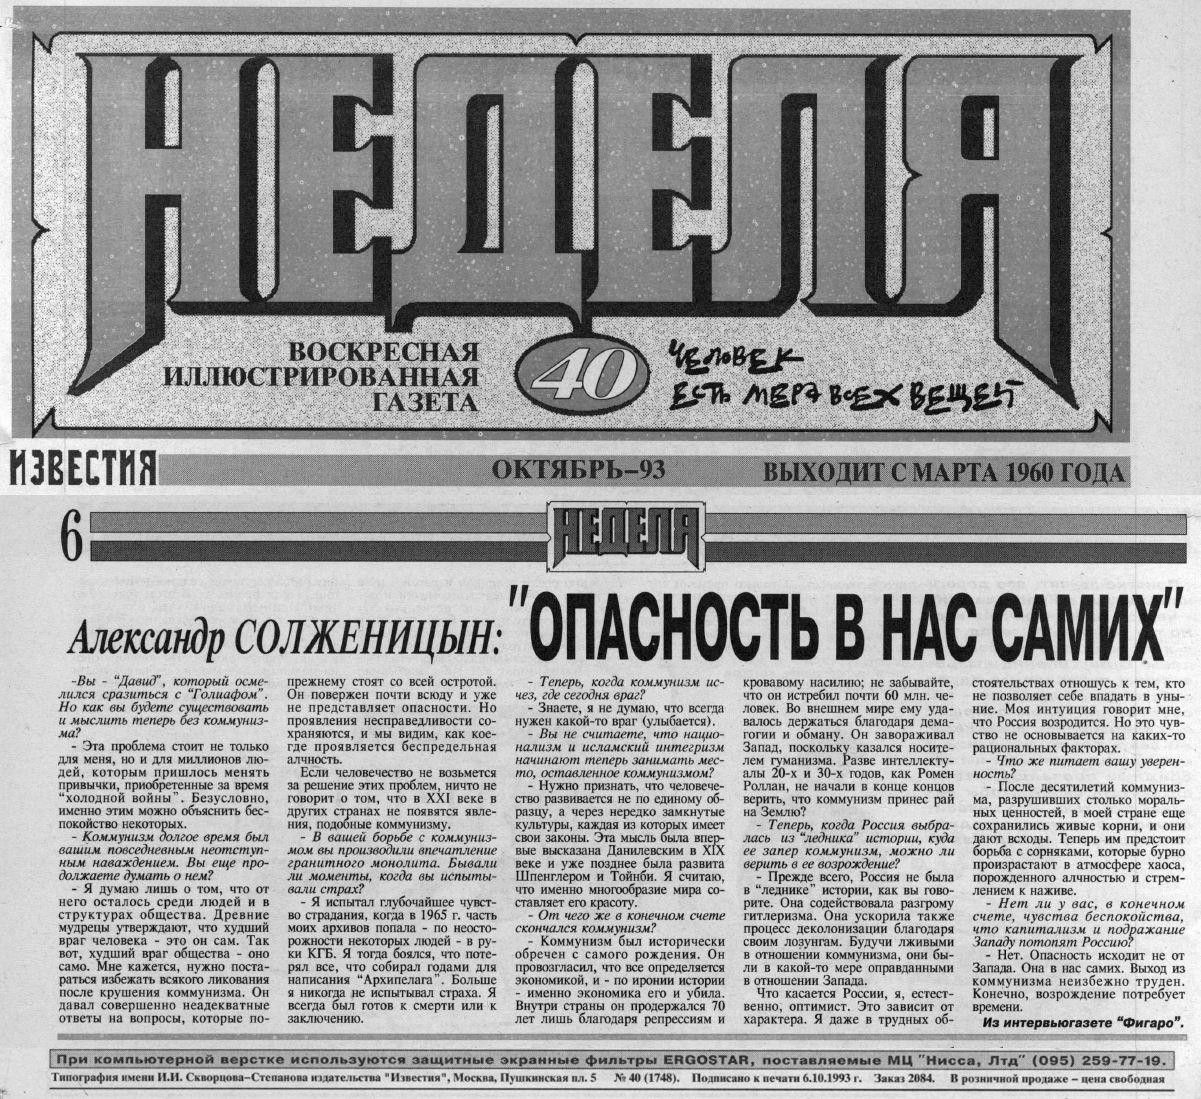 19931006-Неделя-N40(1748)-Солженицын-Опасность в нас самих